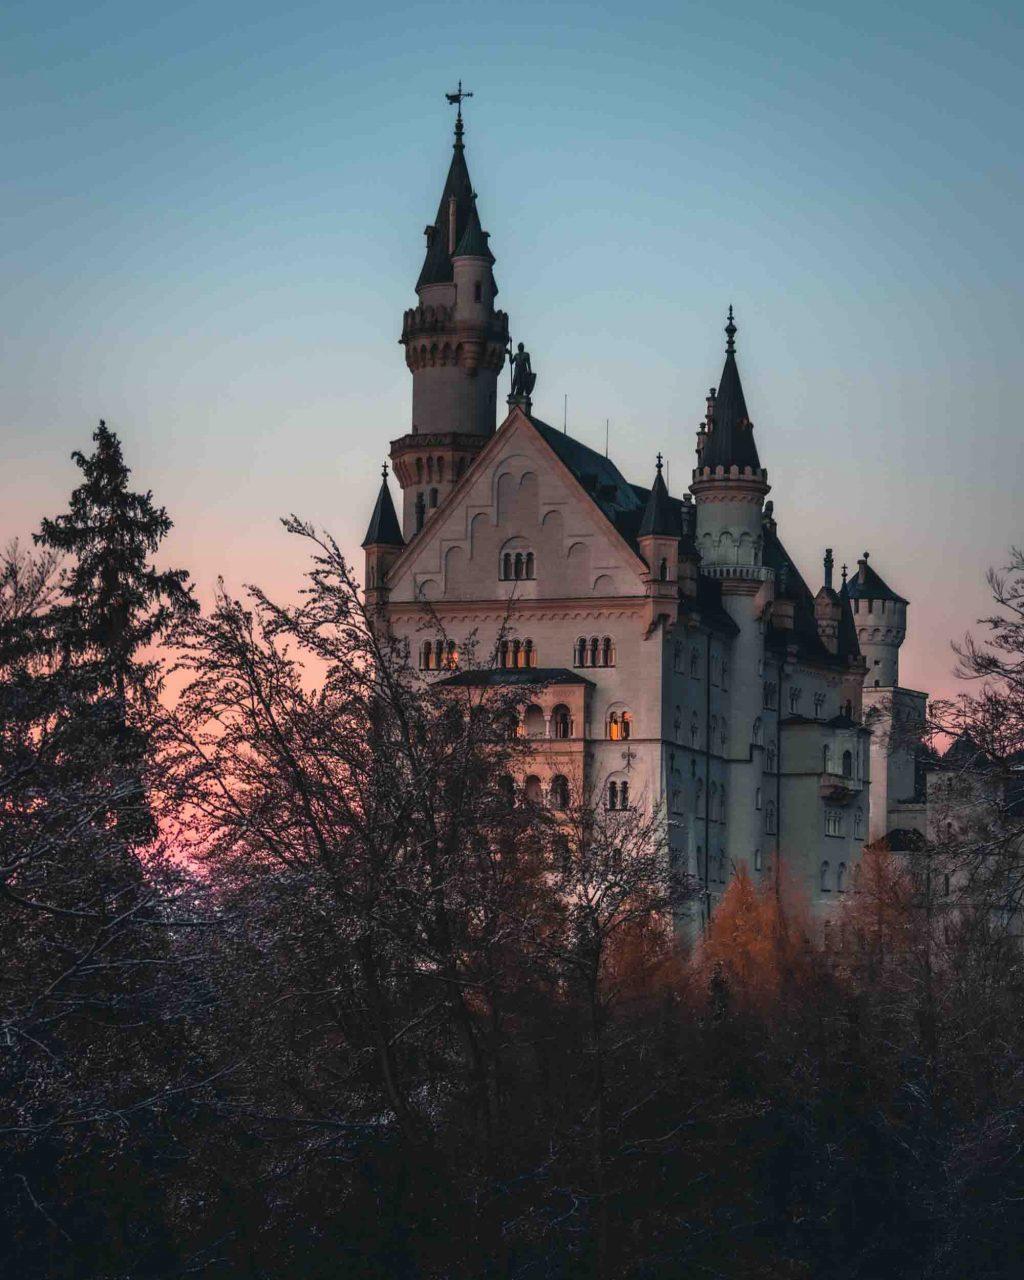 hình ảnh đẹp của lâu đài Neuschwanstein